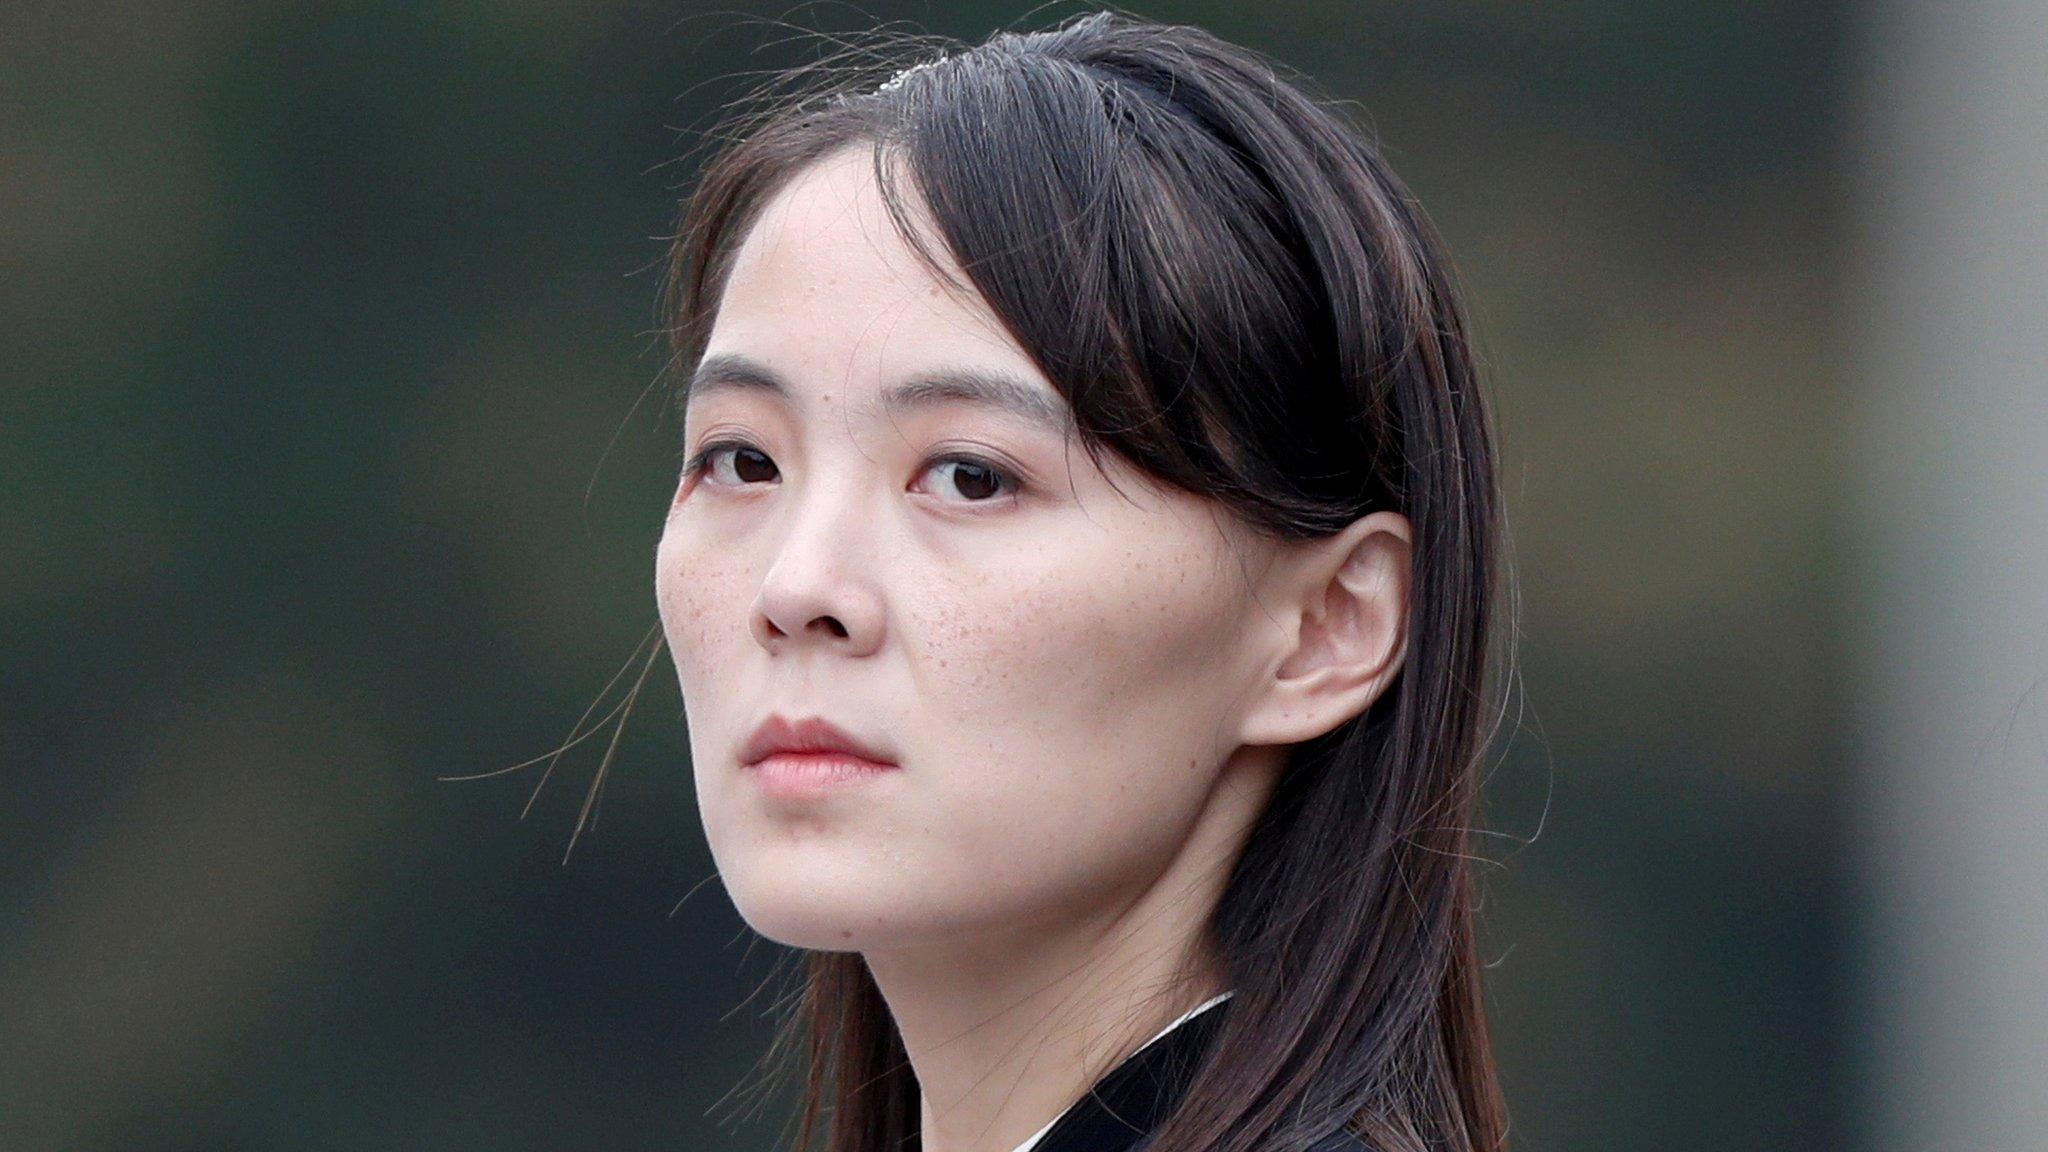 Сестра Ким Чен Ына: КНДР готова прекратить войну с Югом, но только при выполнении ряда условий